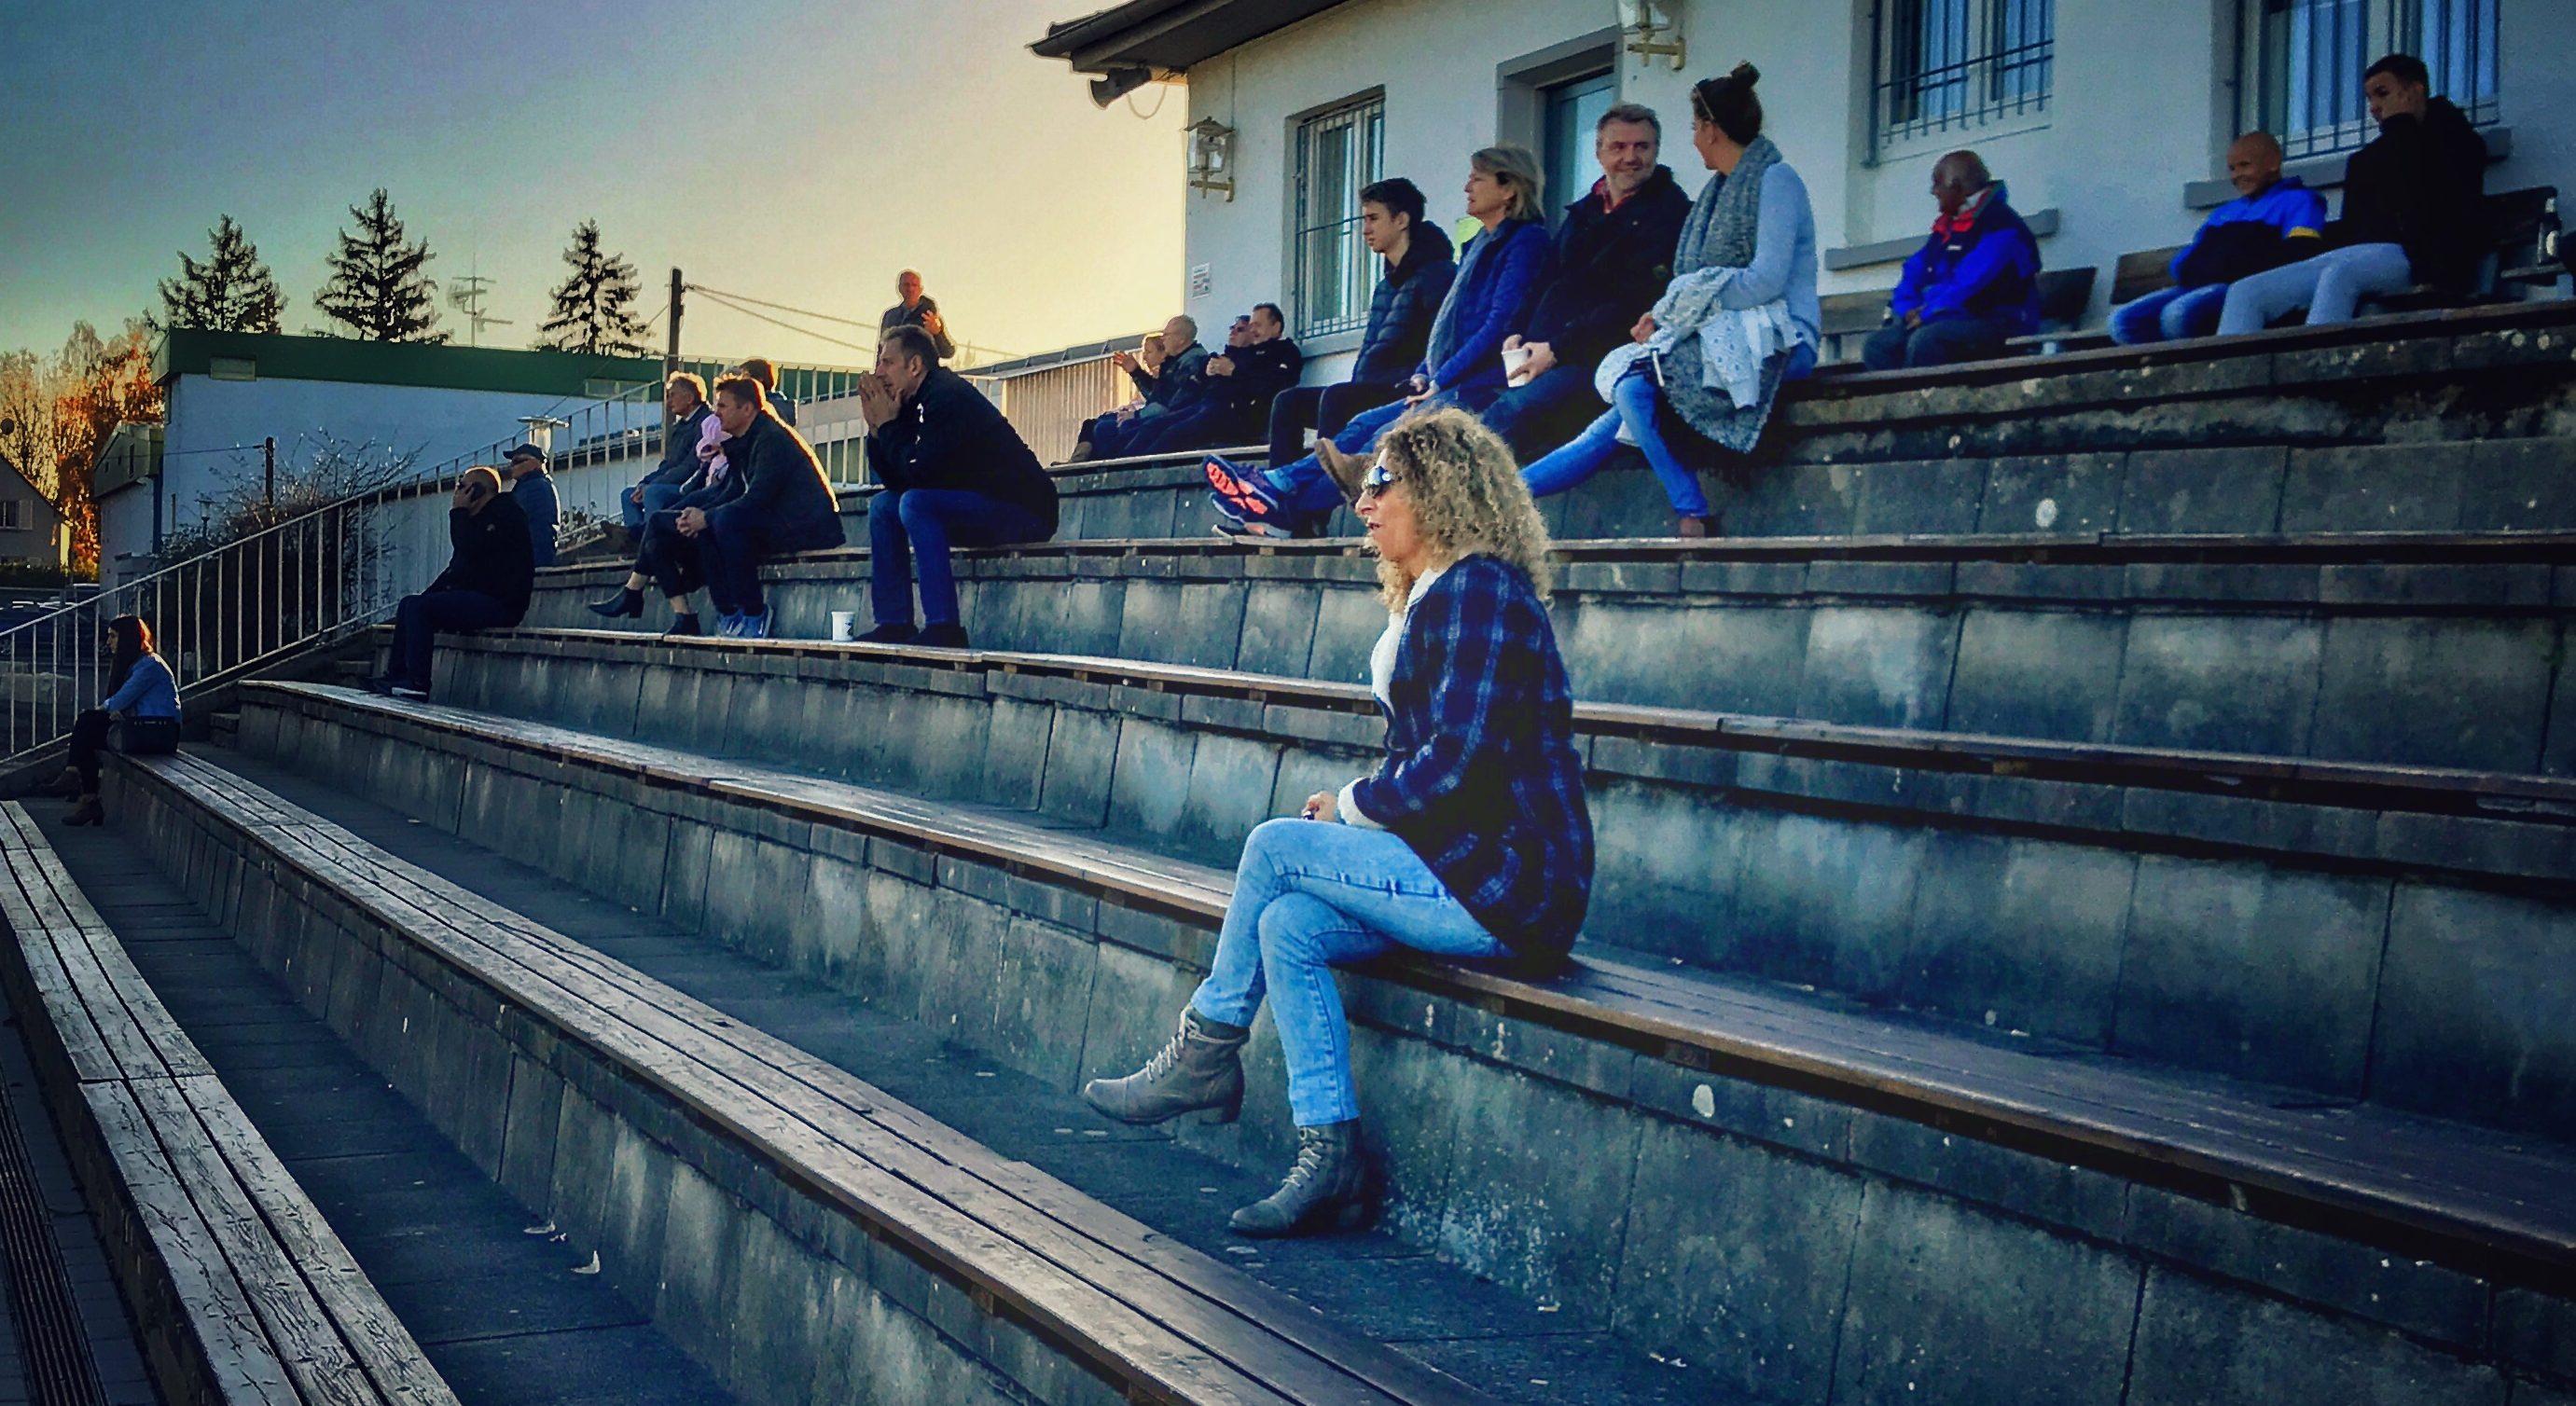 Hemsbach – Sportanlage Hemsbach